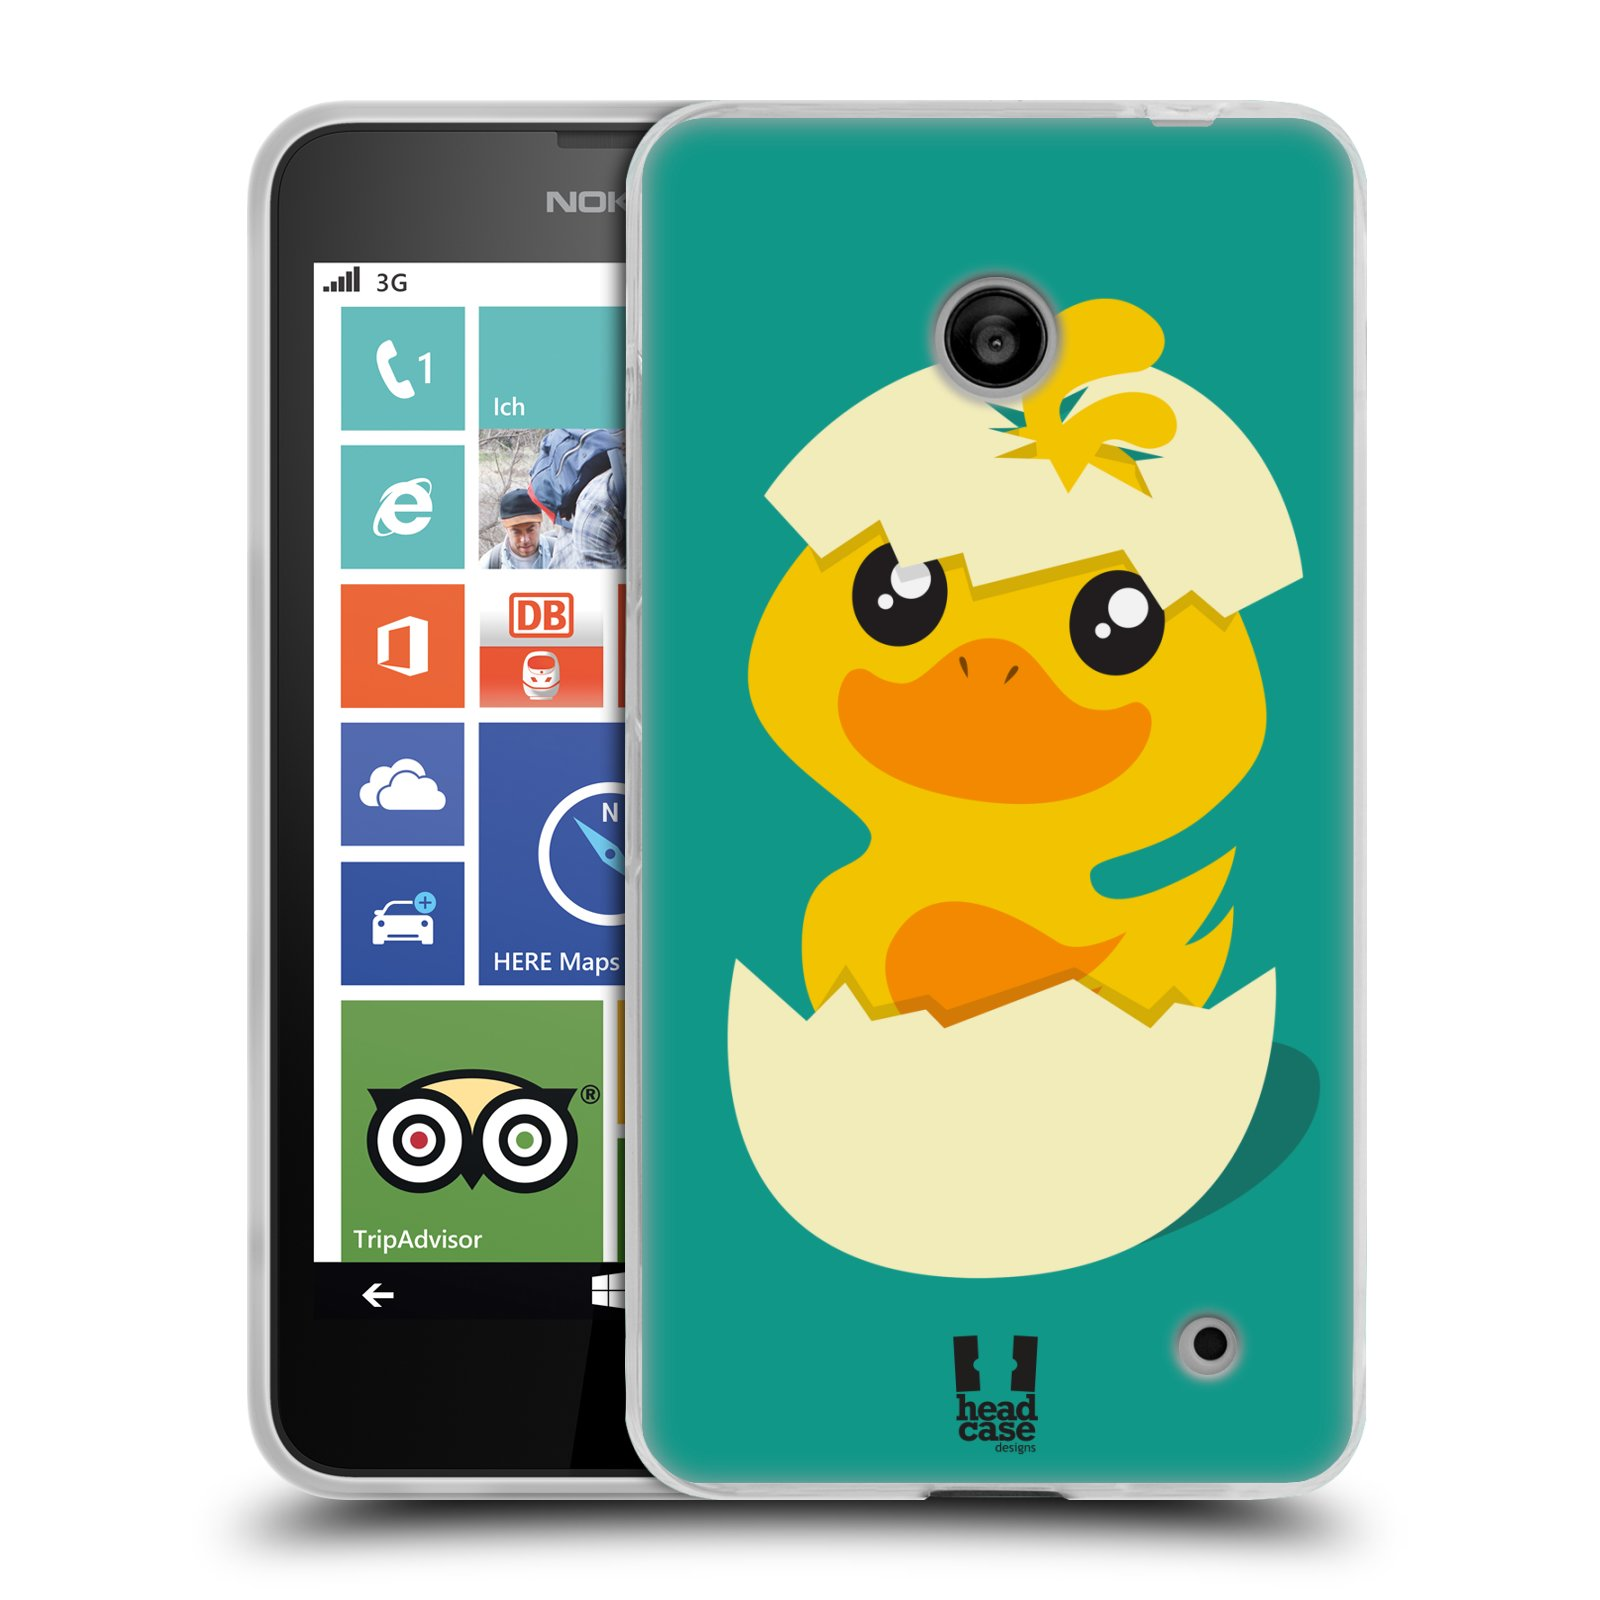 Silikonové pouzdro na mobil Nokia Lumia 630 HEAD CASE KACHNIČKA Z VAJÍČKA (Silikonový kryt či obal na mobilní telefon Nokia Lumia 630 a Nokia Lumia 630 Dual SIM)